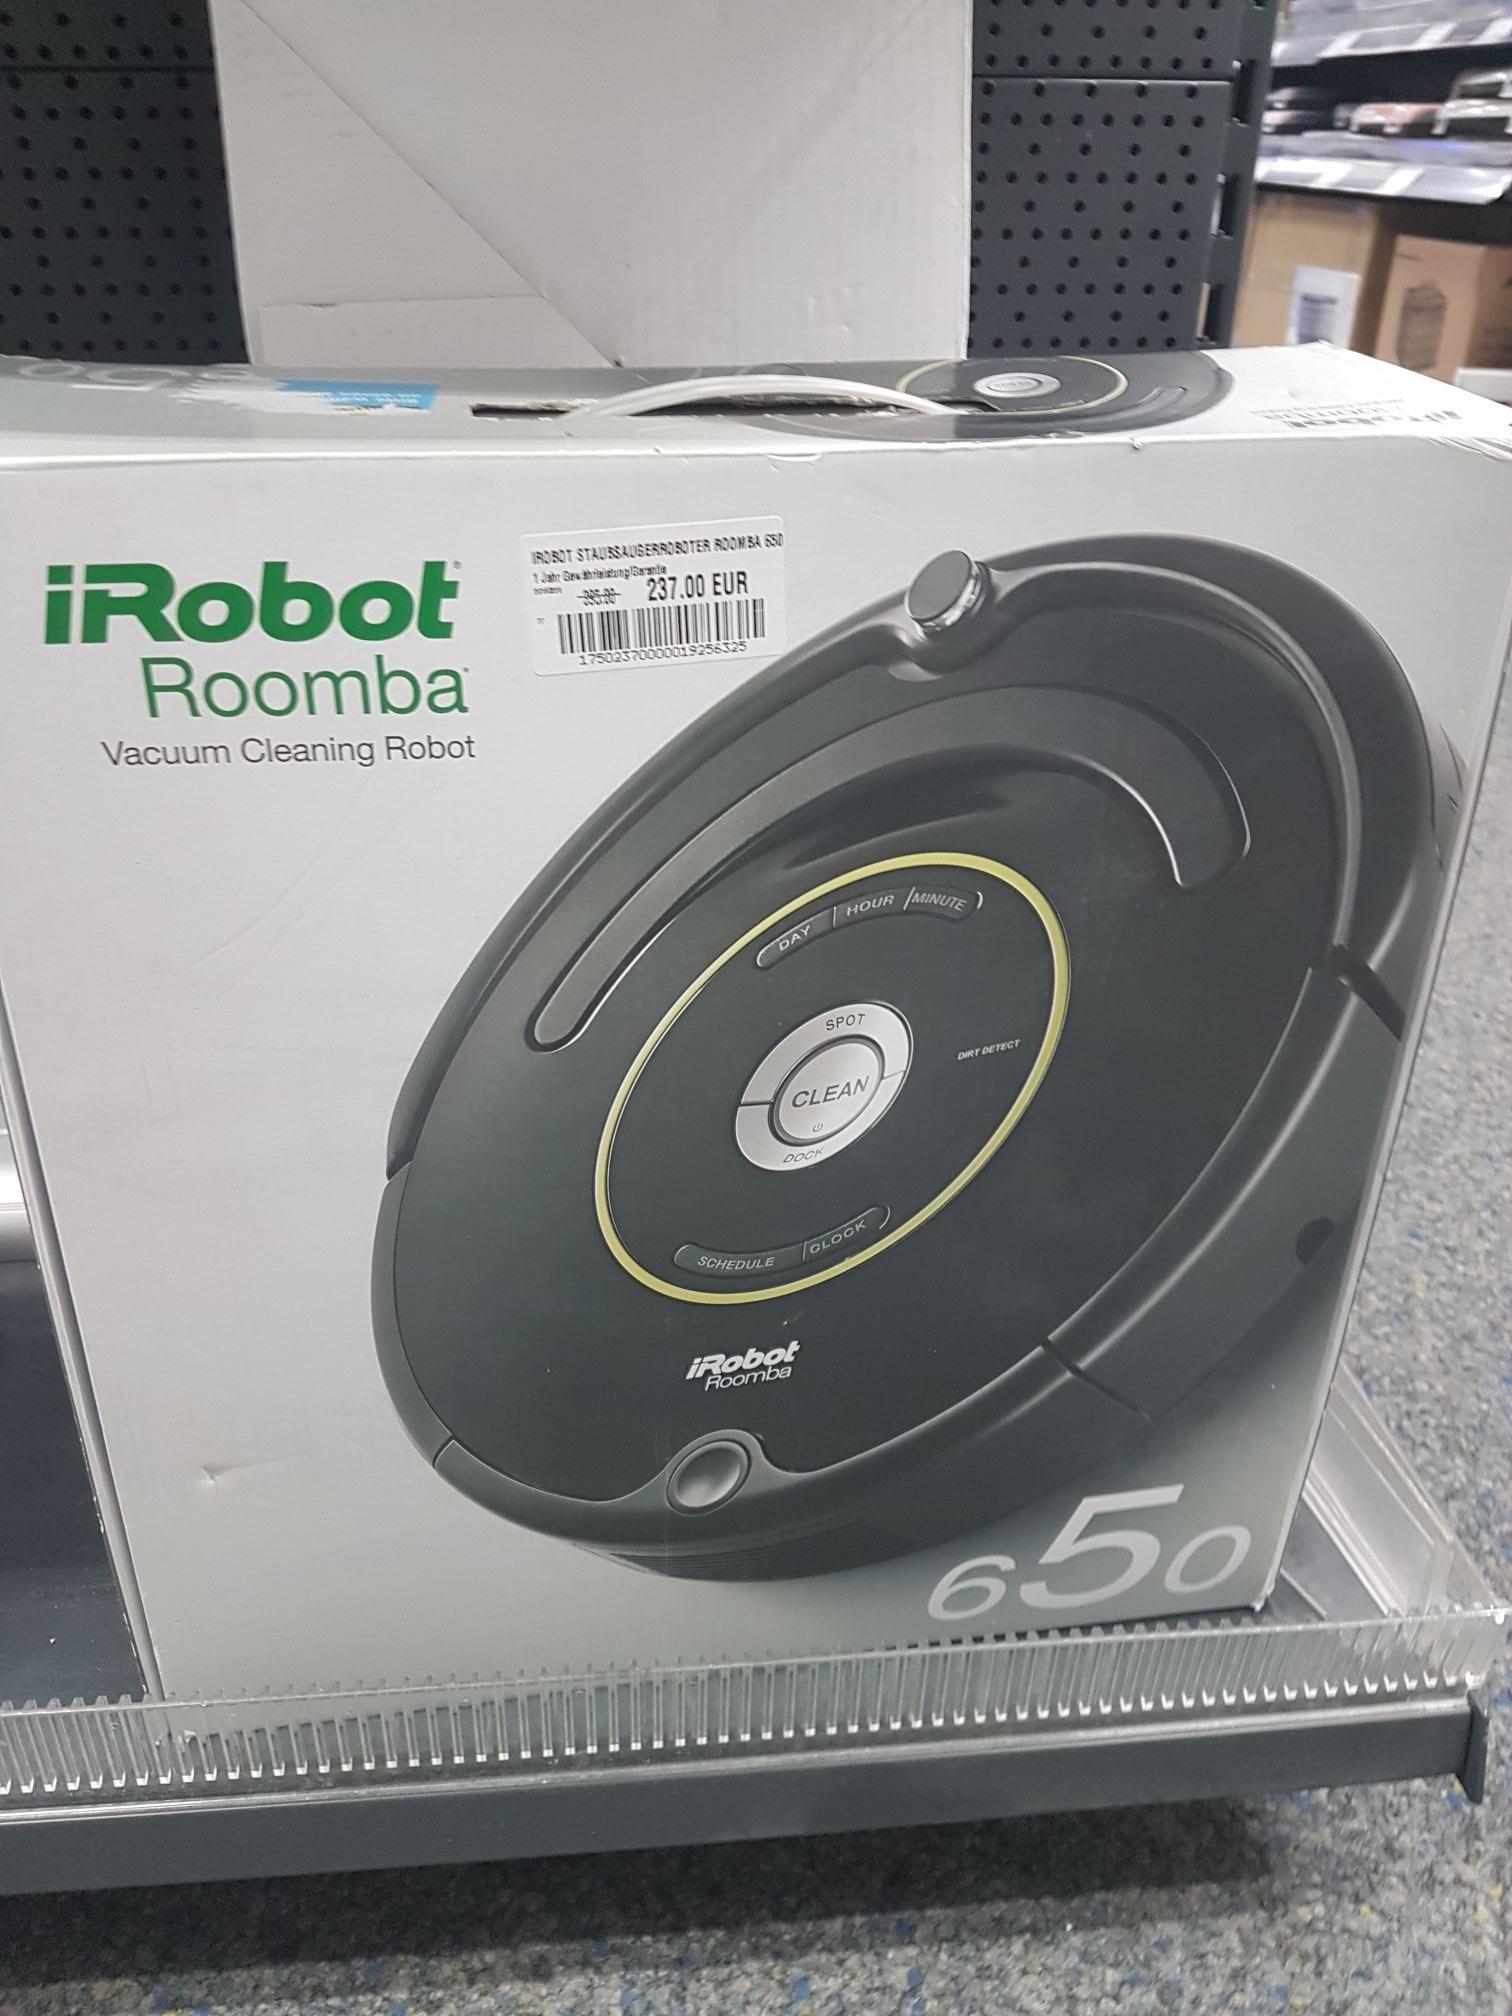 [Lokal: München]iRobot Roomba 650